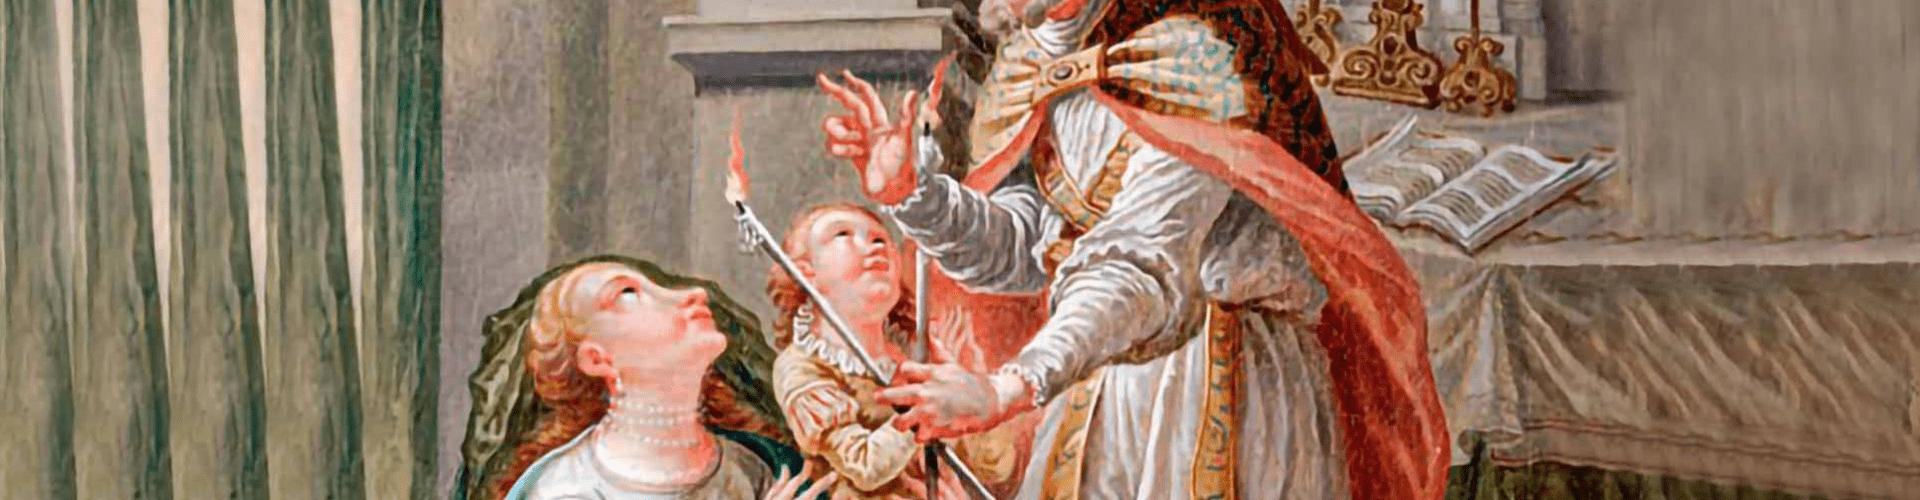 Fáj a torkod? Megvéd a Balázs-áldás!